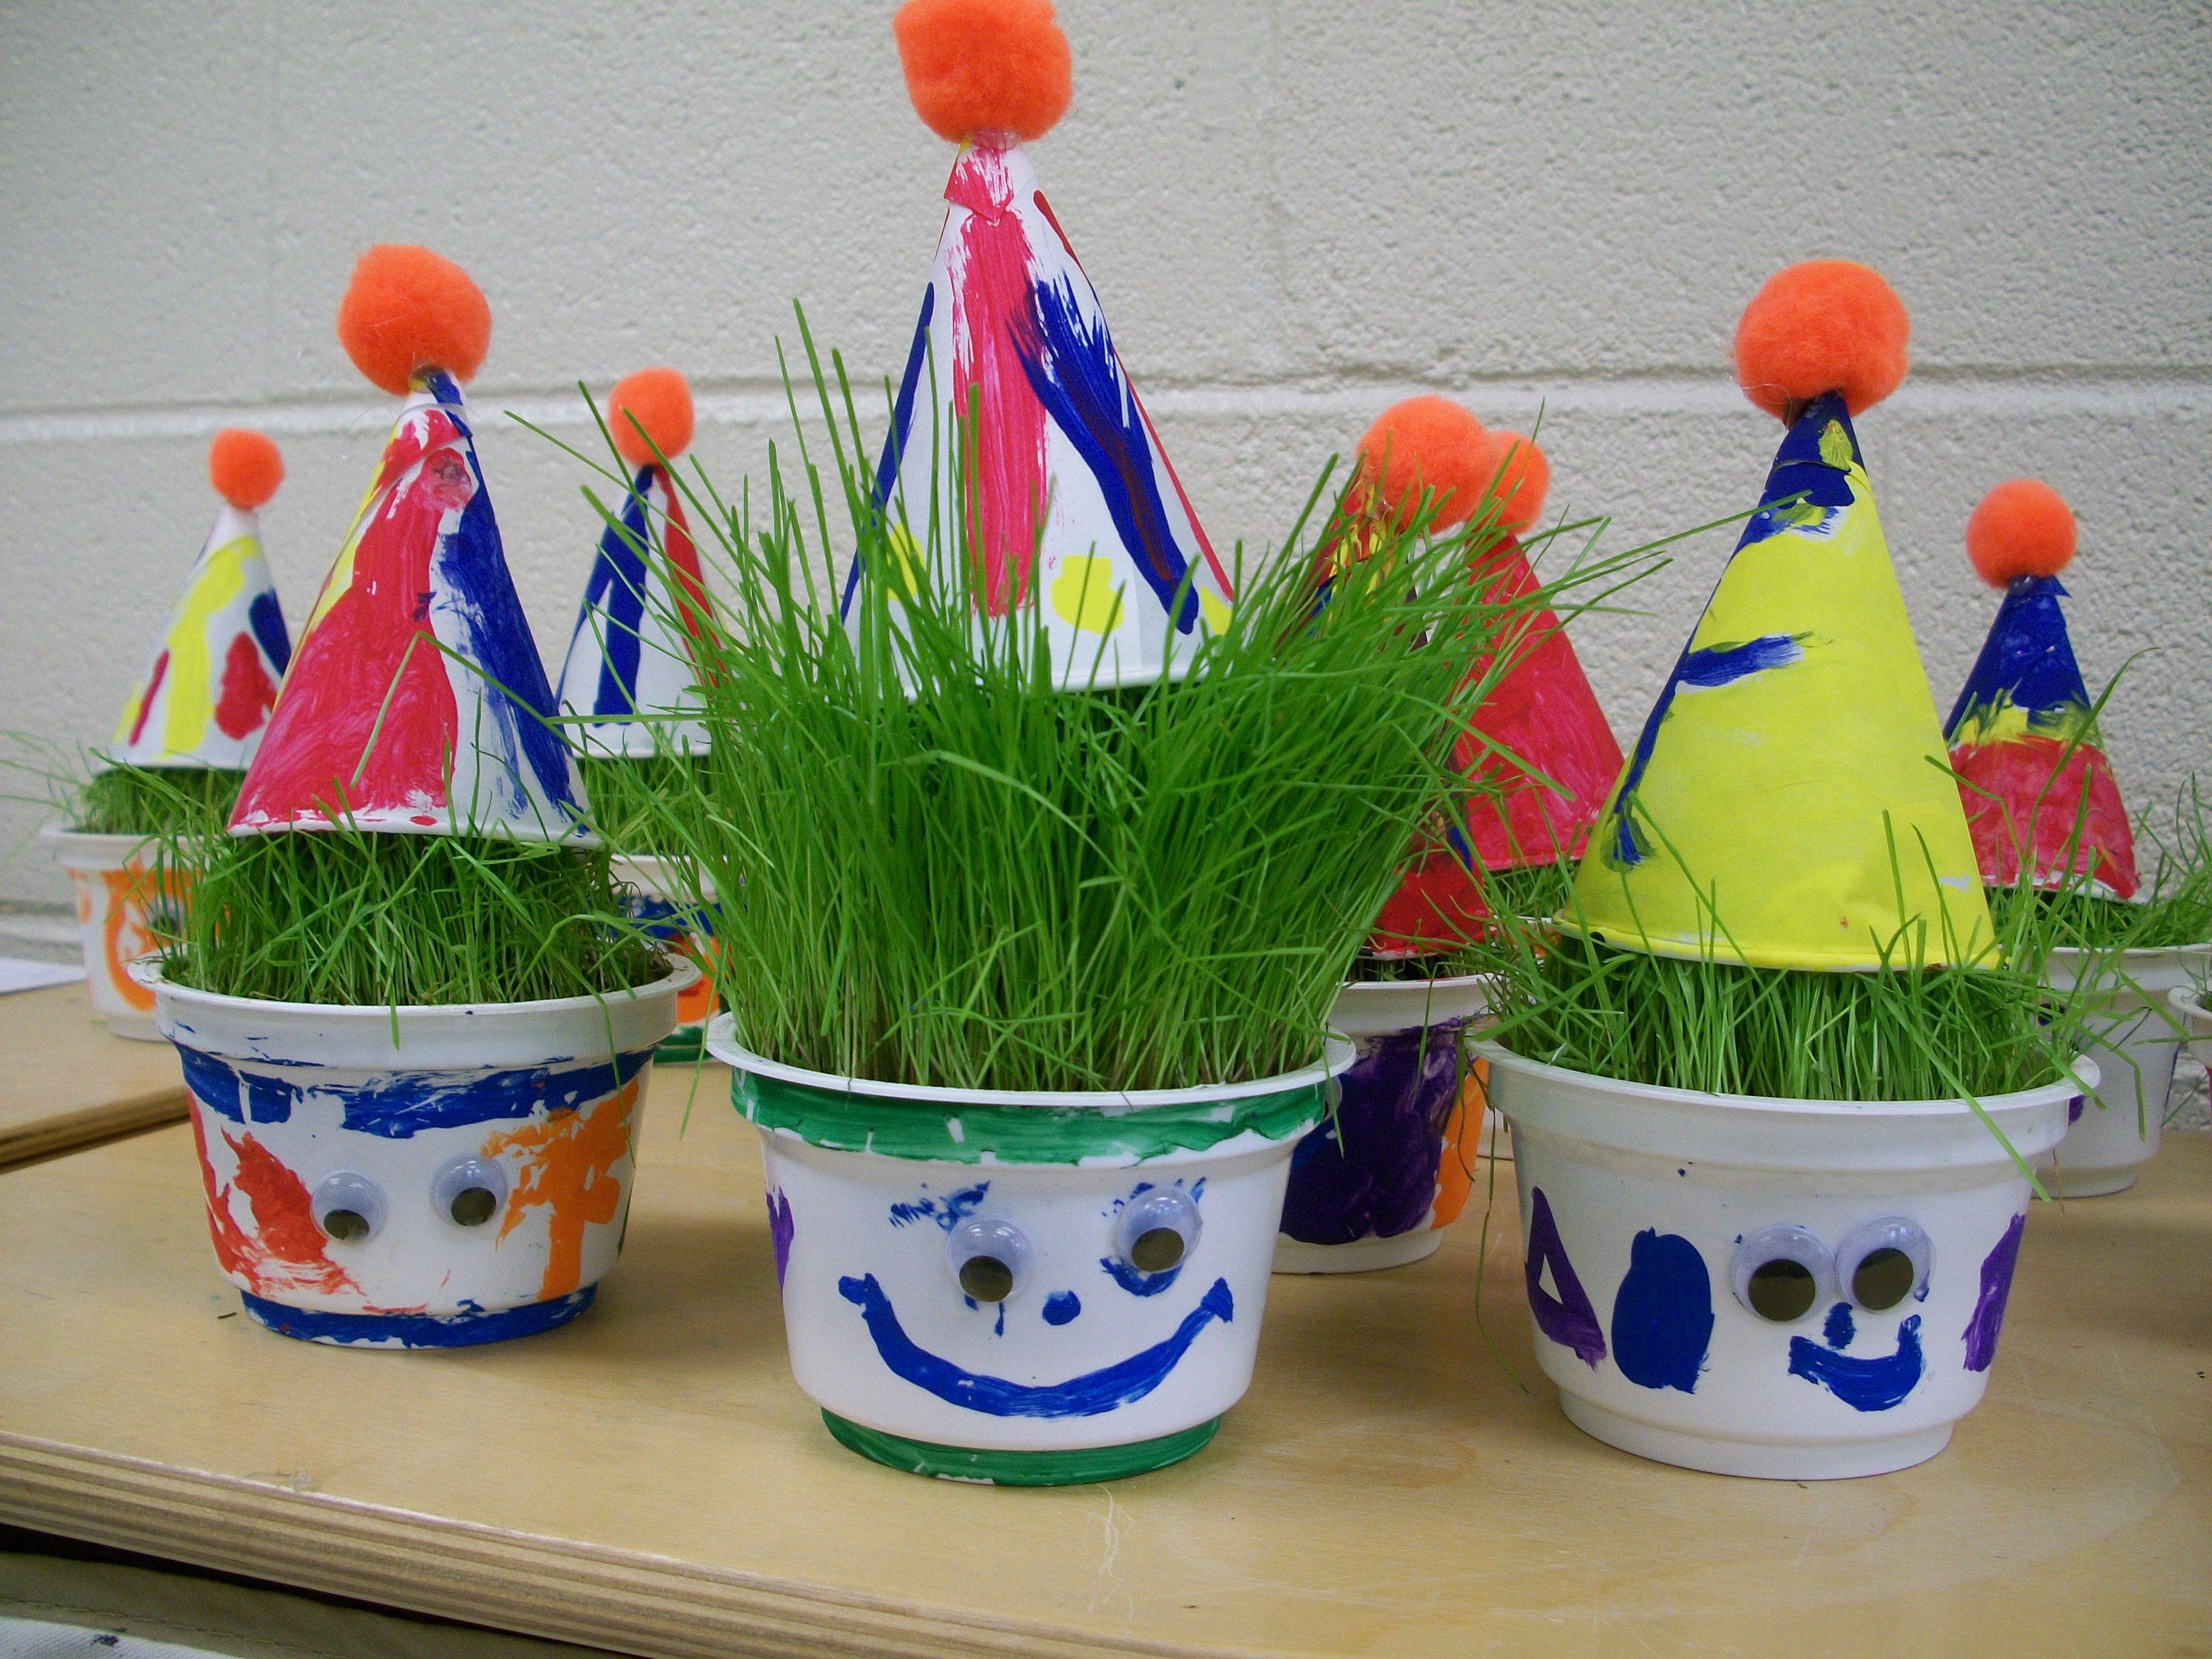 6bac4bdebe8901644f96528b65bcb2fa - Earth Day For Kindergarten